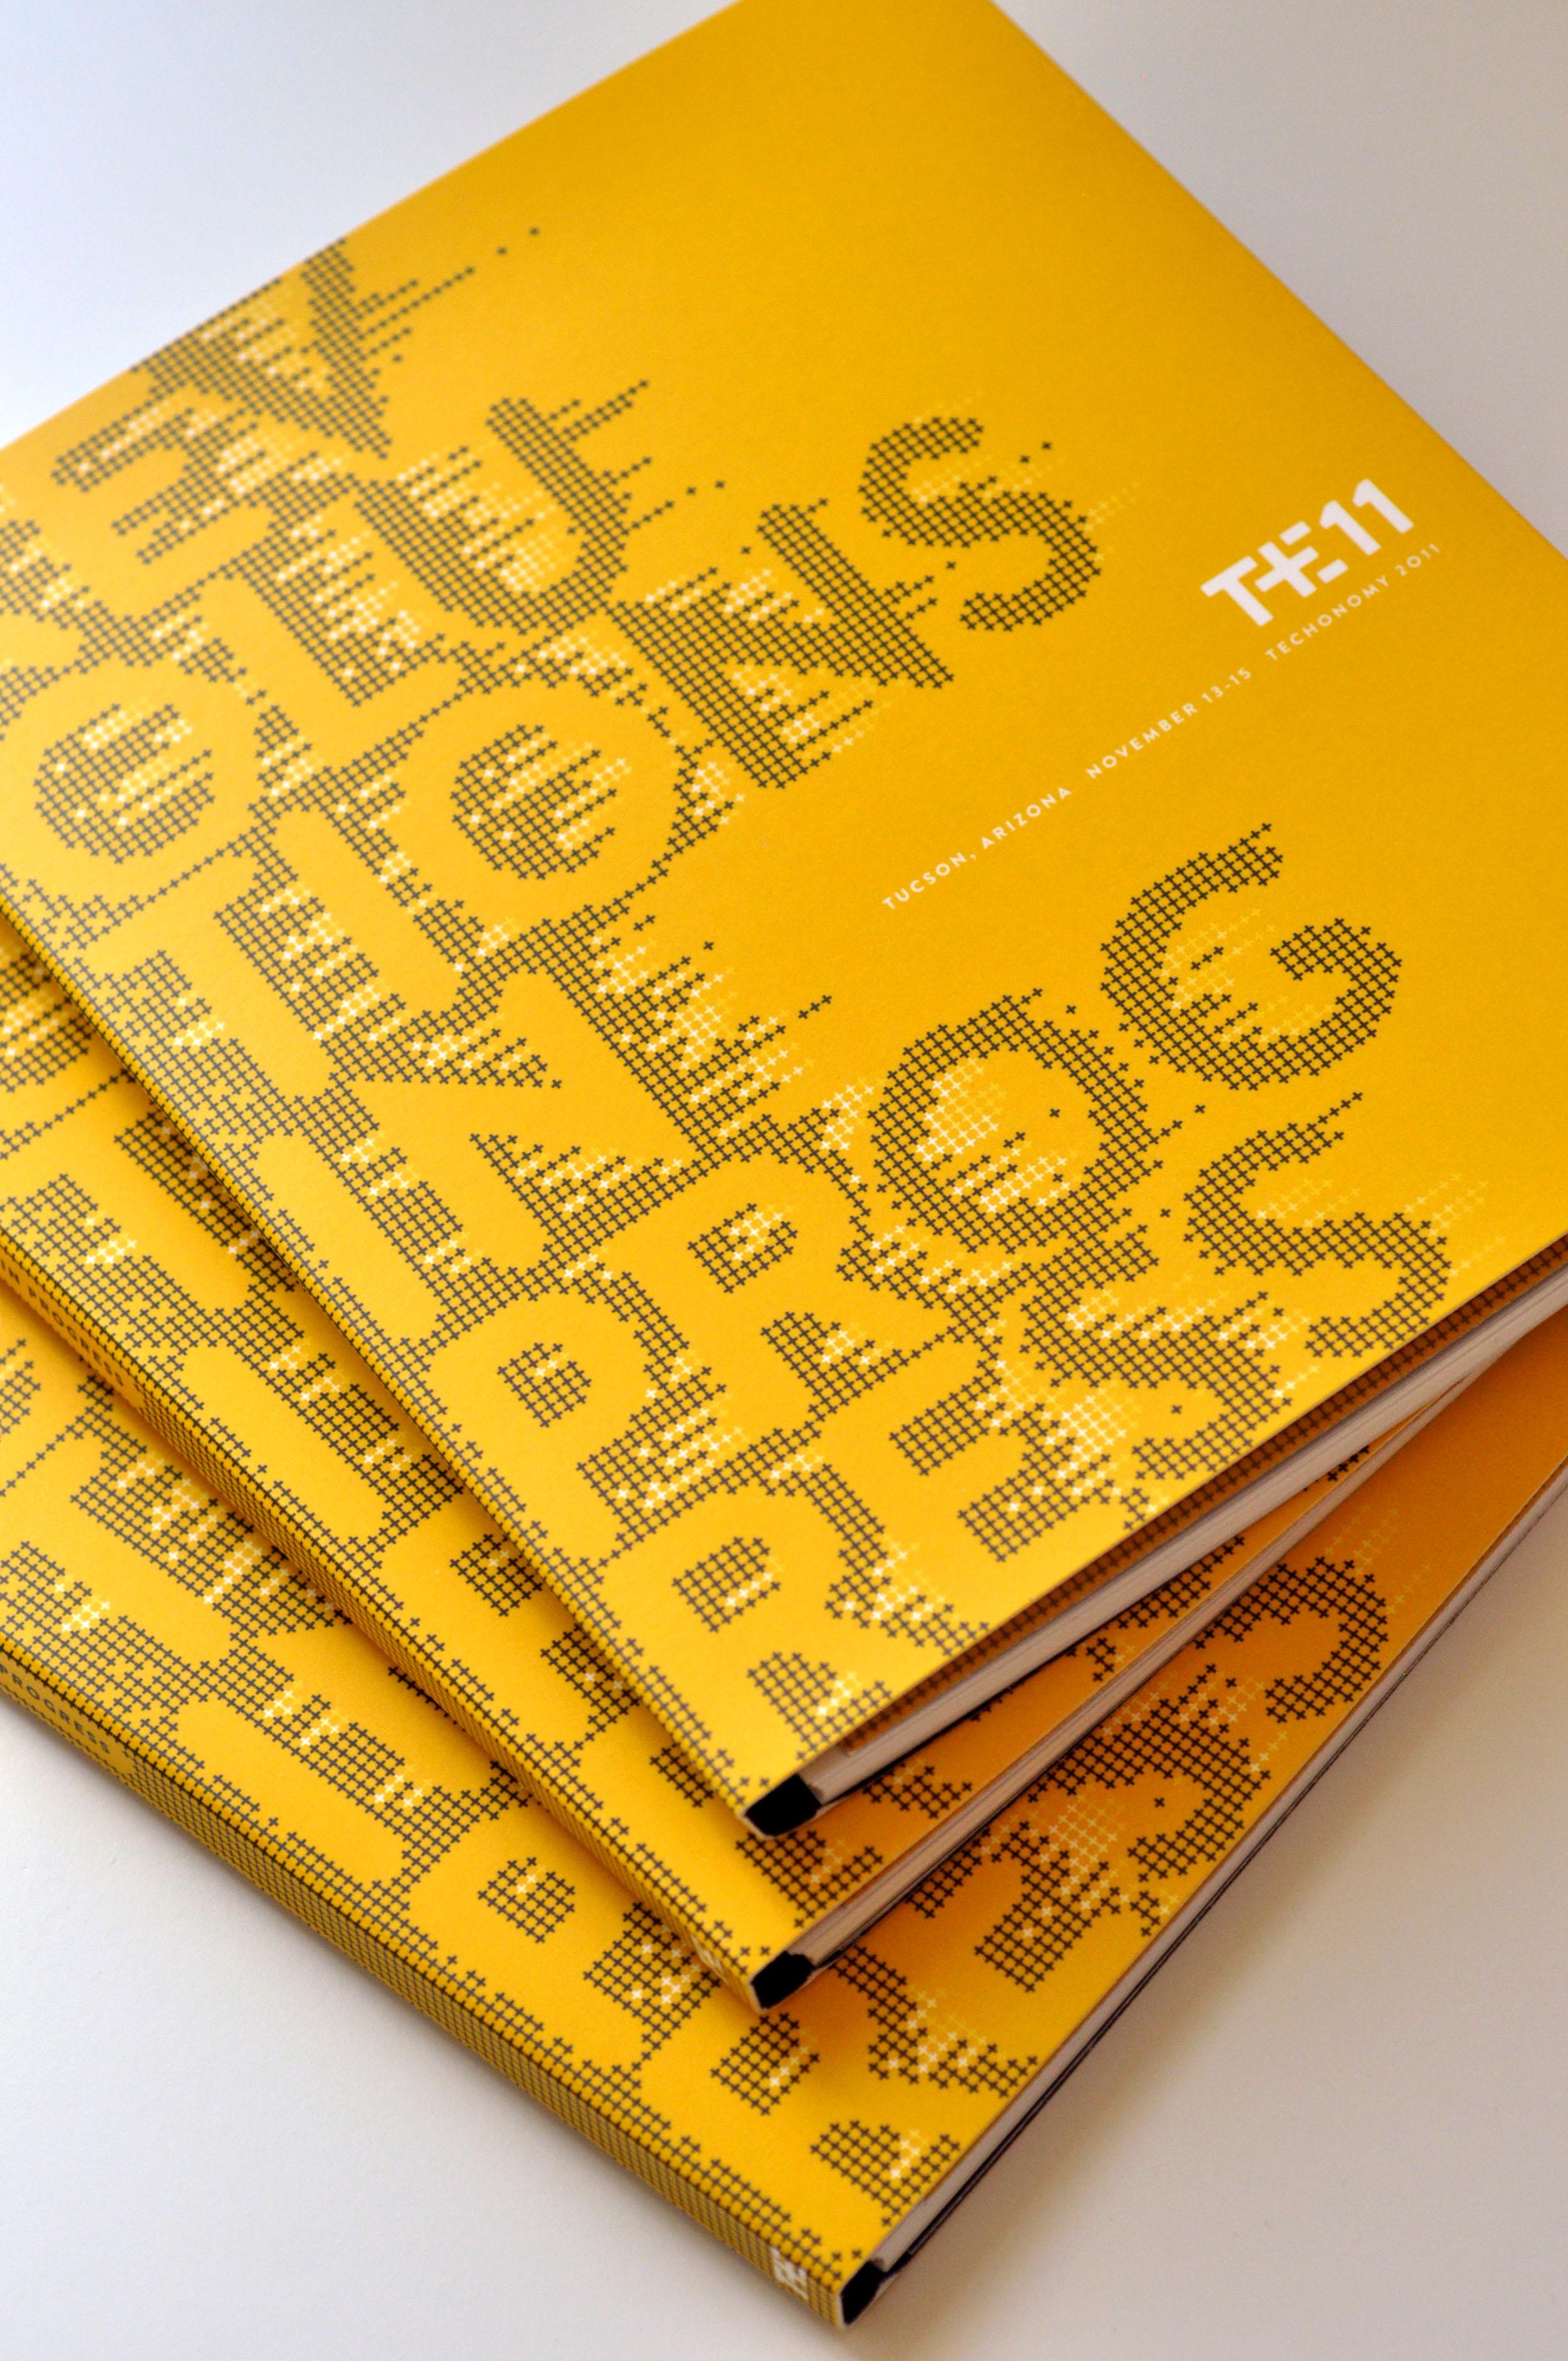 Agenda Cover